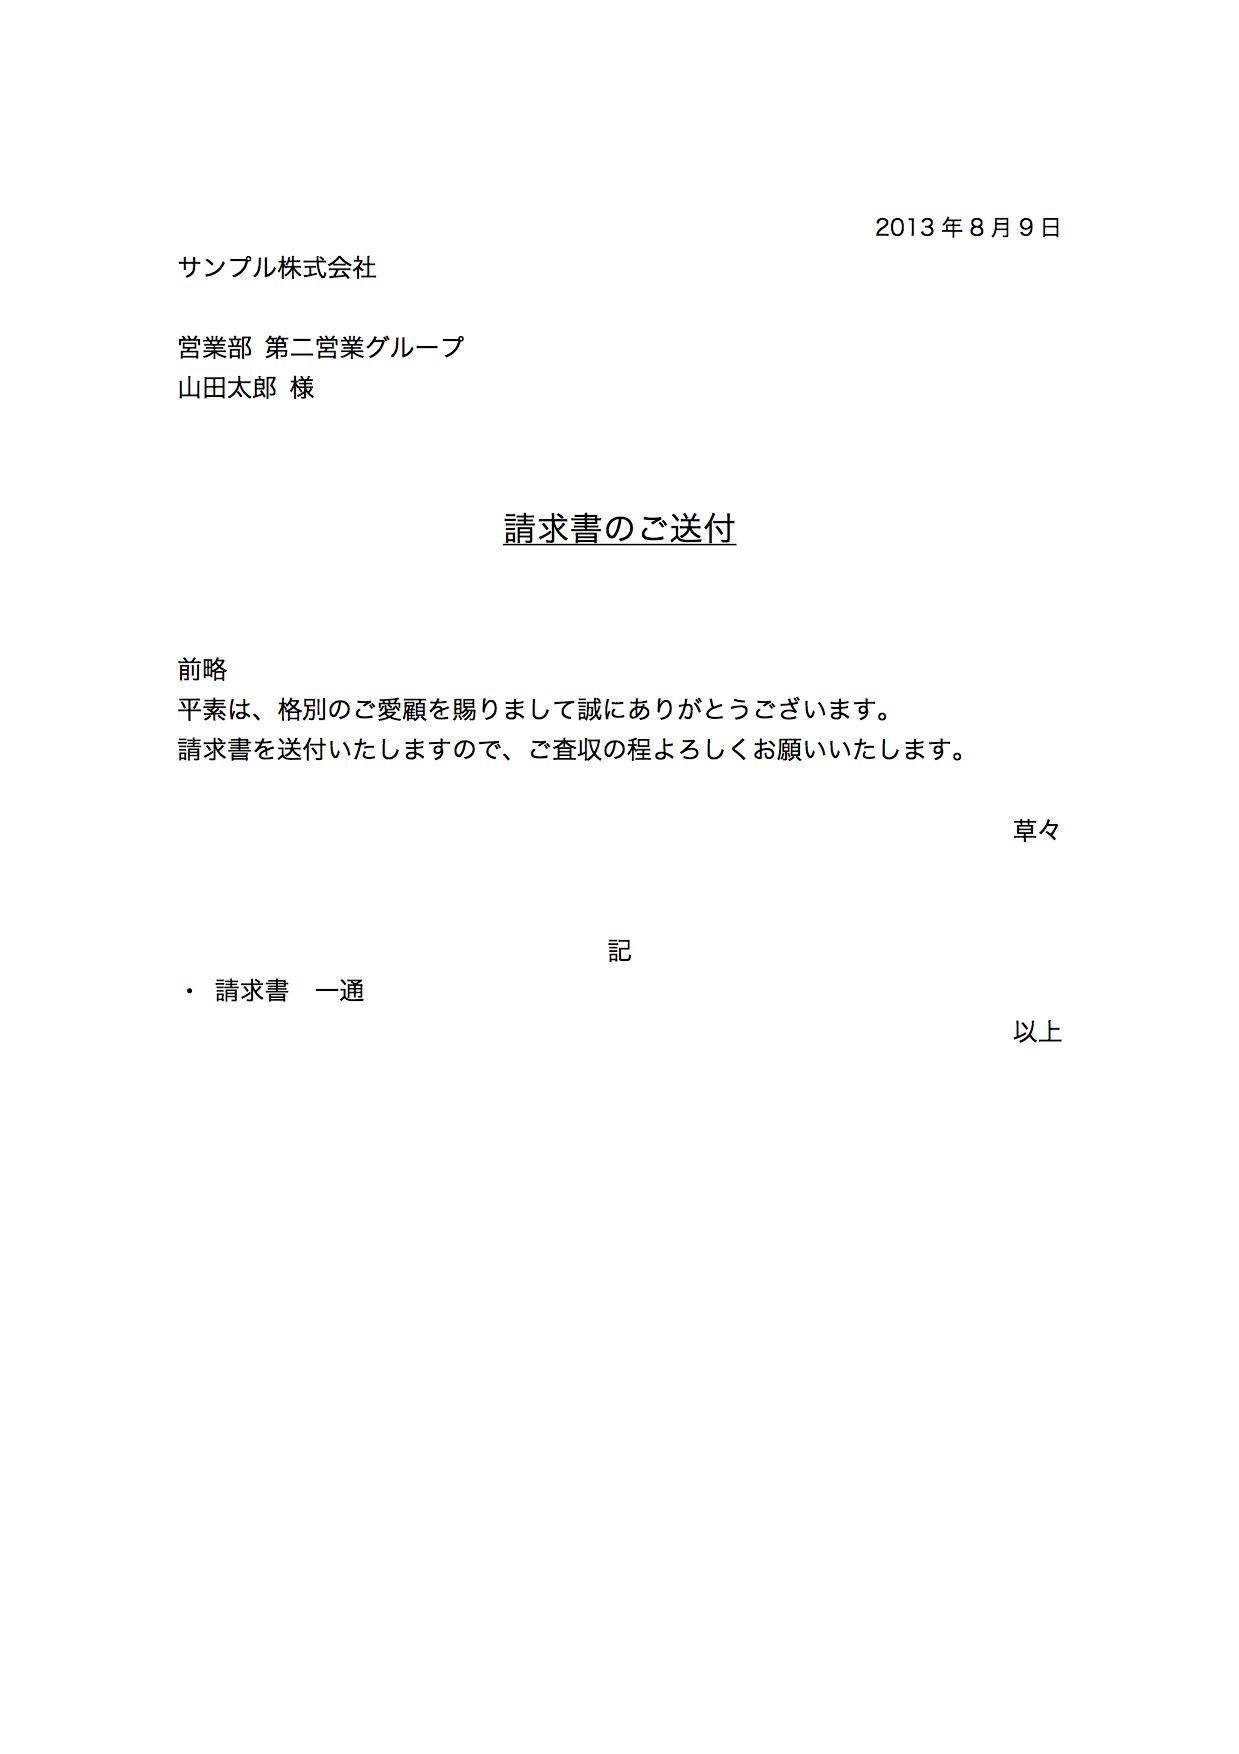 無料 無料レター用紙 : シンプルな送付状(部署名 ...